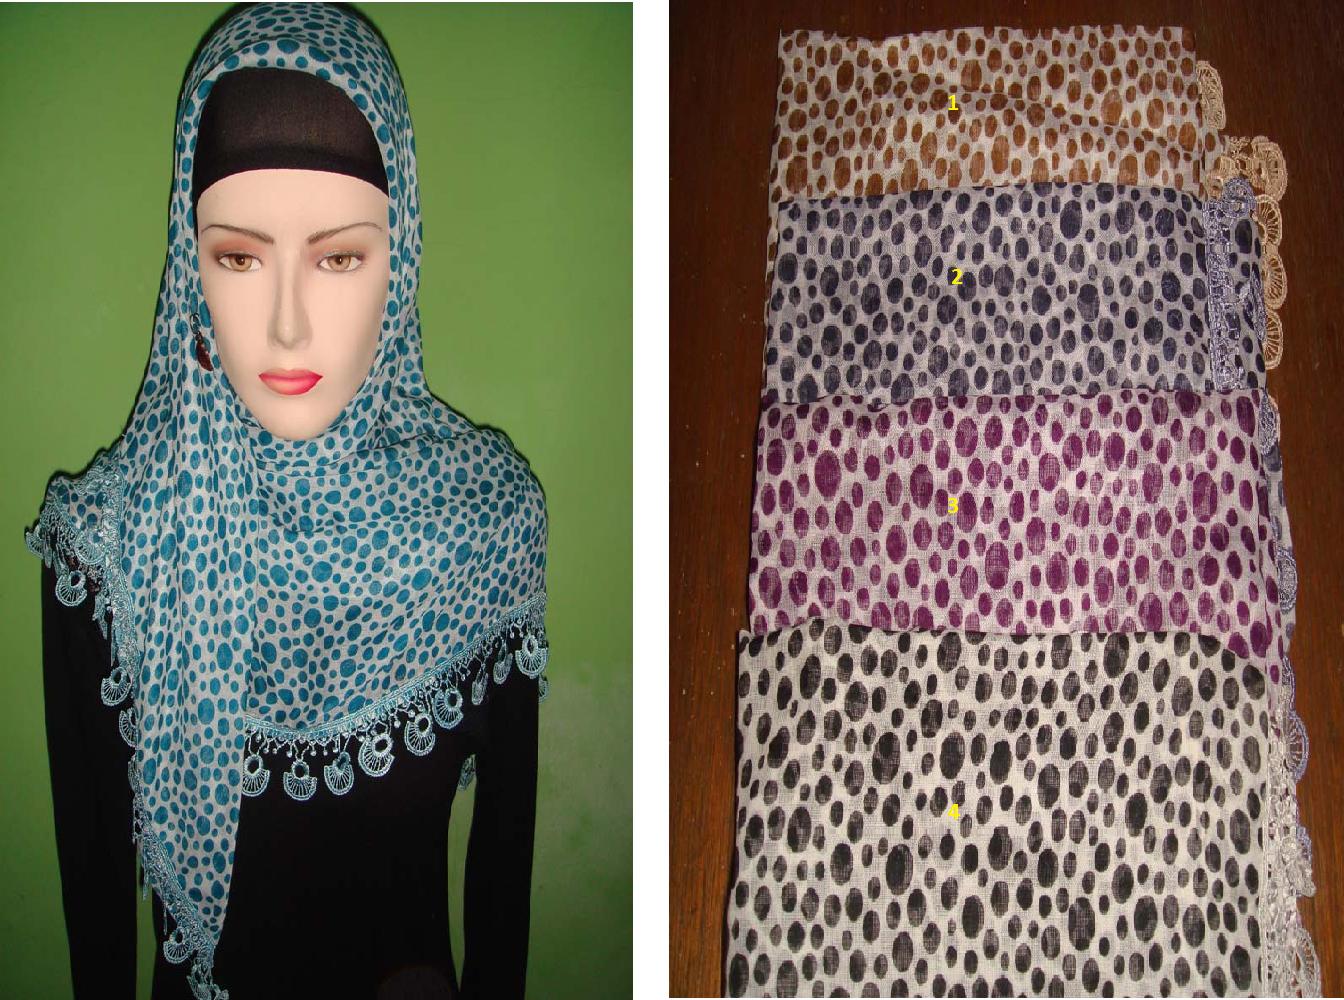 Kreasi Jilbab Segi Empat Polos Tutorial Memakai 4 Share Paris Sederhana 2013 Cara Dan Mudah